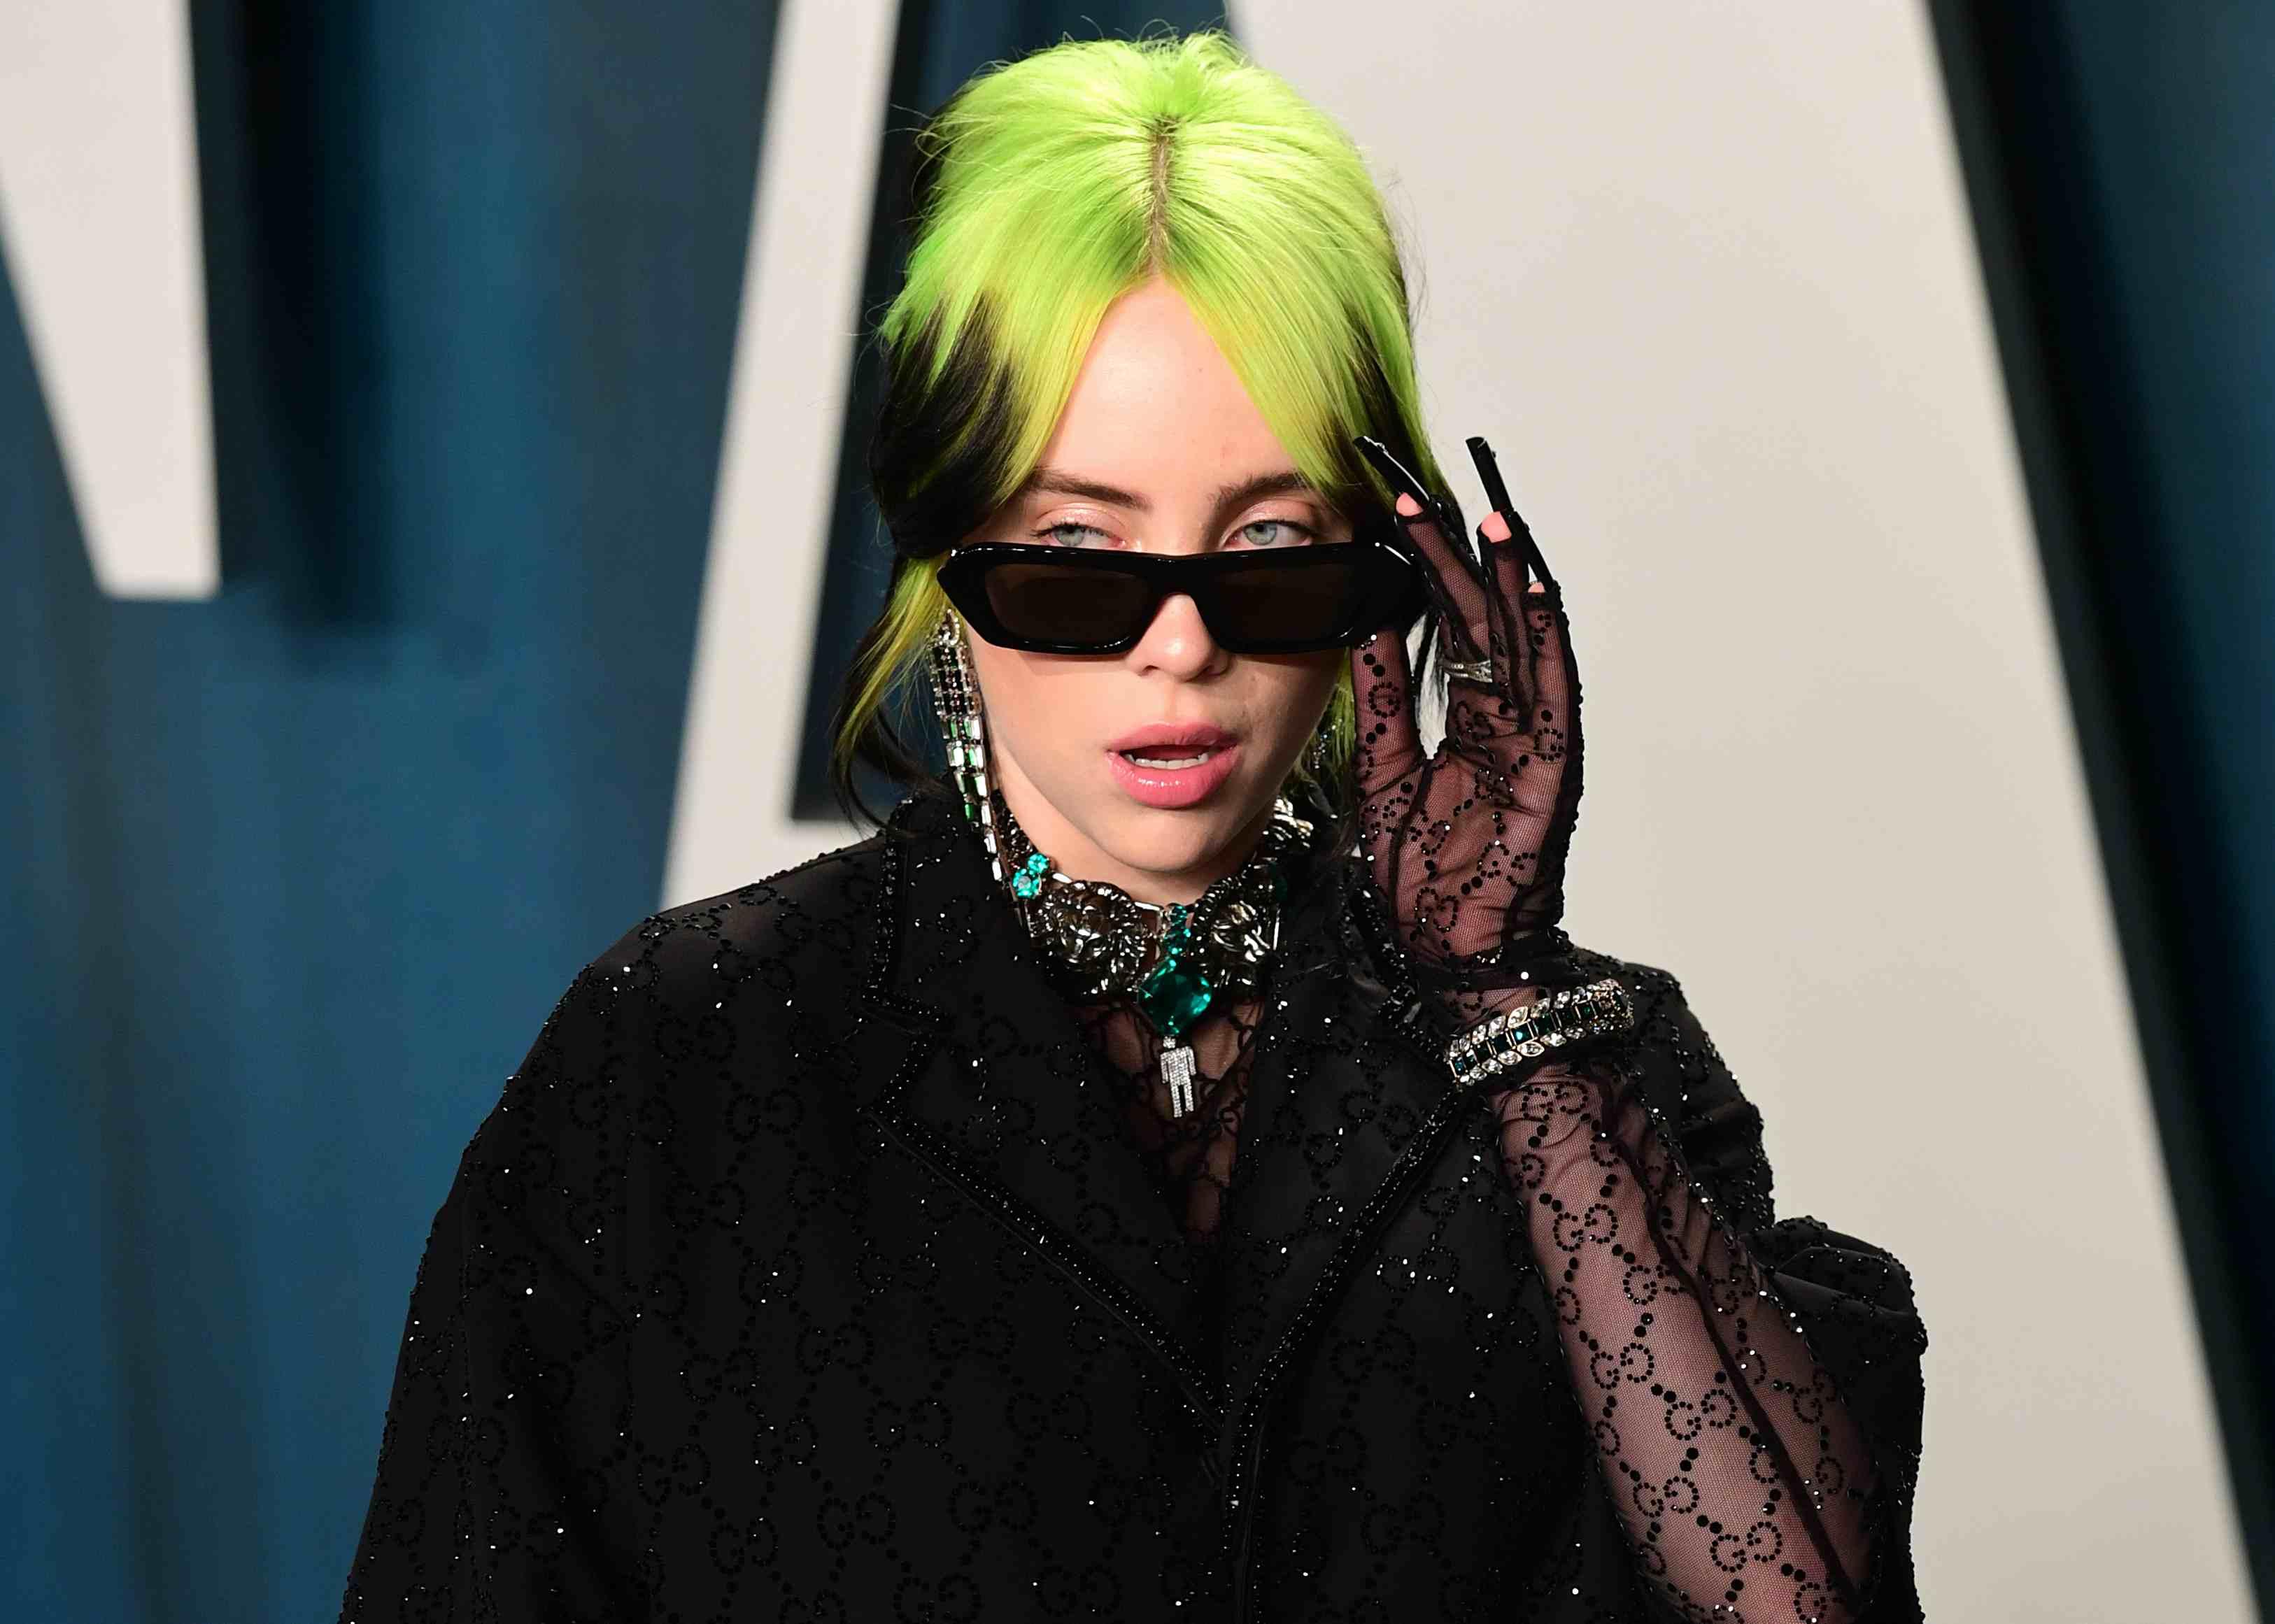 Fashion Quiz: ¿Quién es la celebridad más influyente en el mundo de la moda?Fashion Quiz: ¿Quién es la celebridad más influyente en el mundo de la moda?